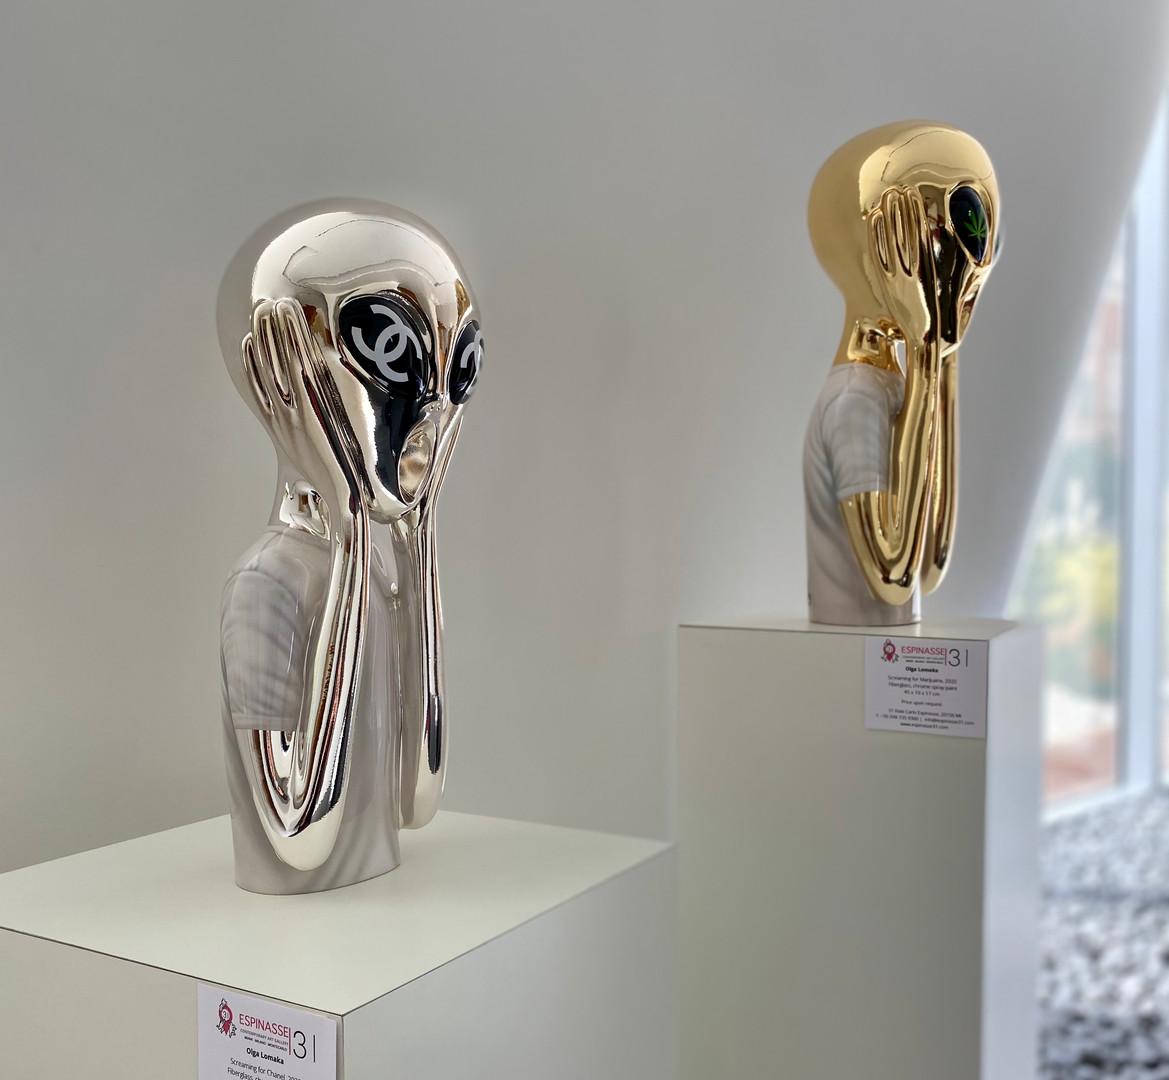 Works by Olga Lomaka